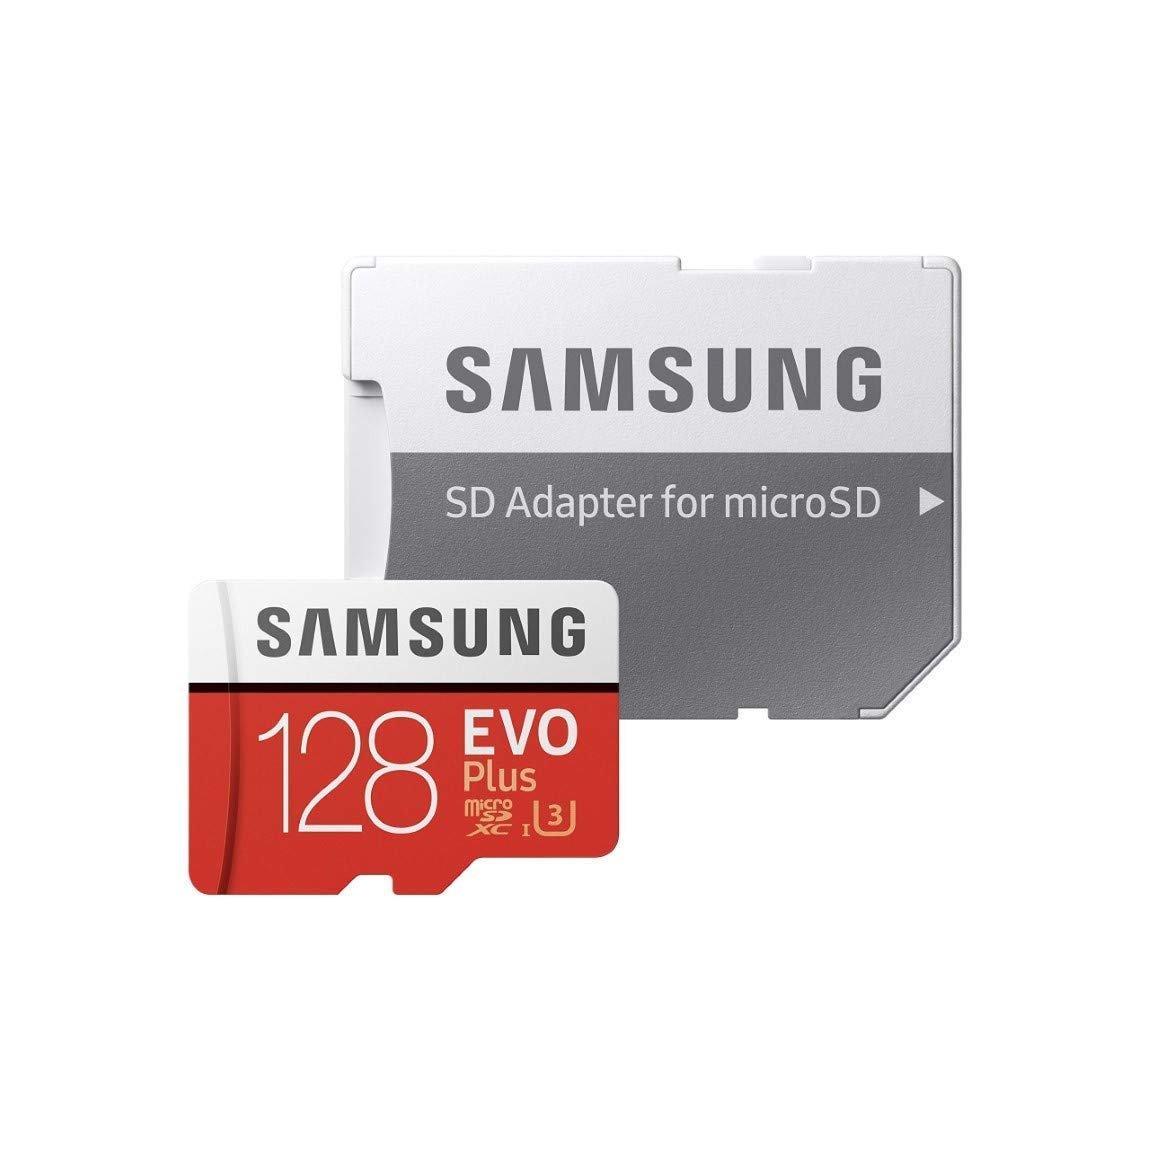 کارت حافظه microSDXC سامسونگ مدل Evo Plus